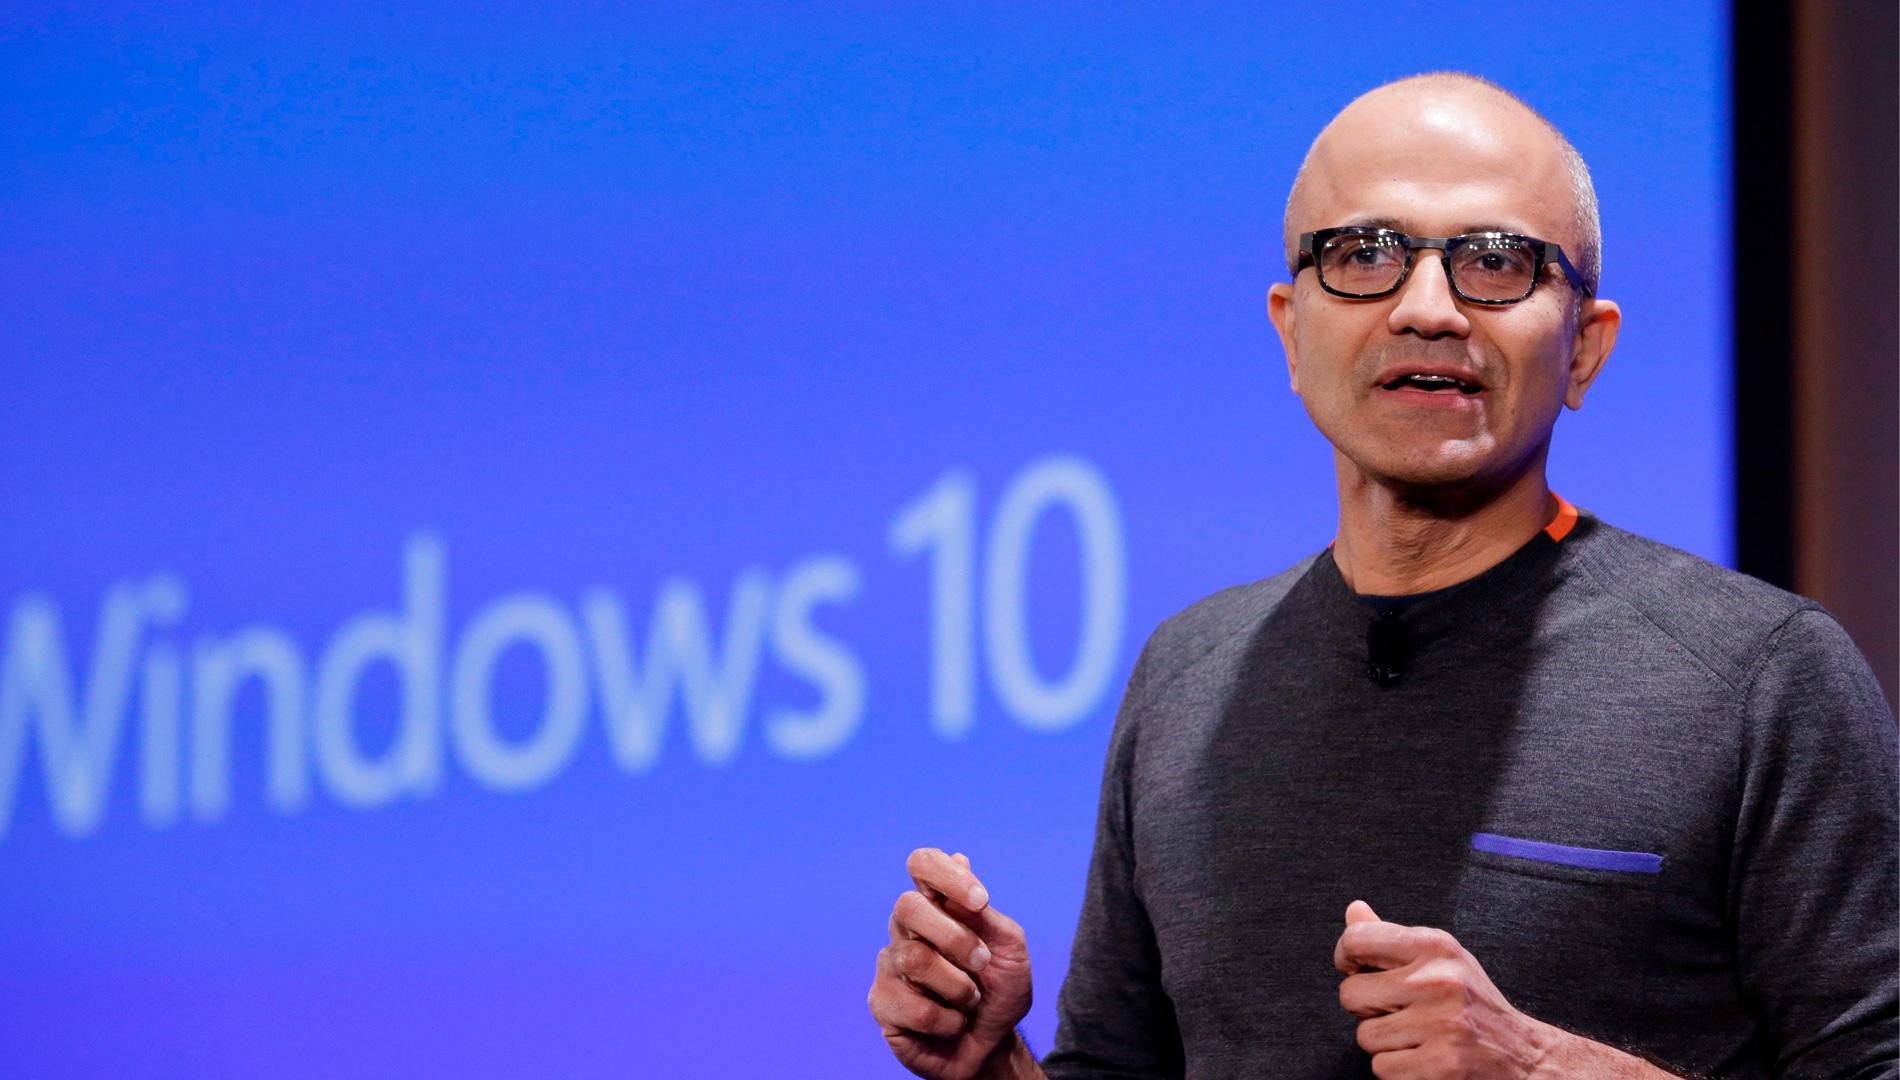 Des notifications pour inciter les utilisateurs à mettre à jour Windows 10